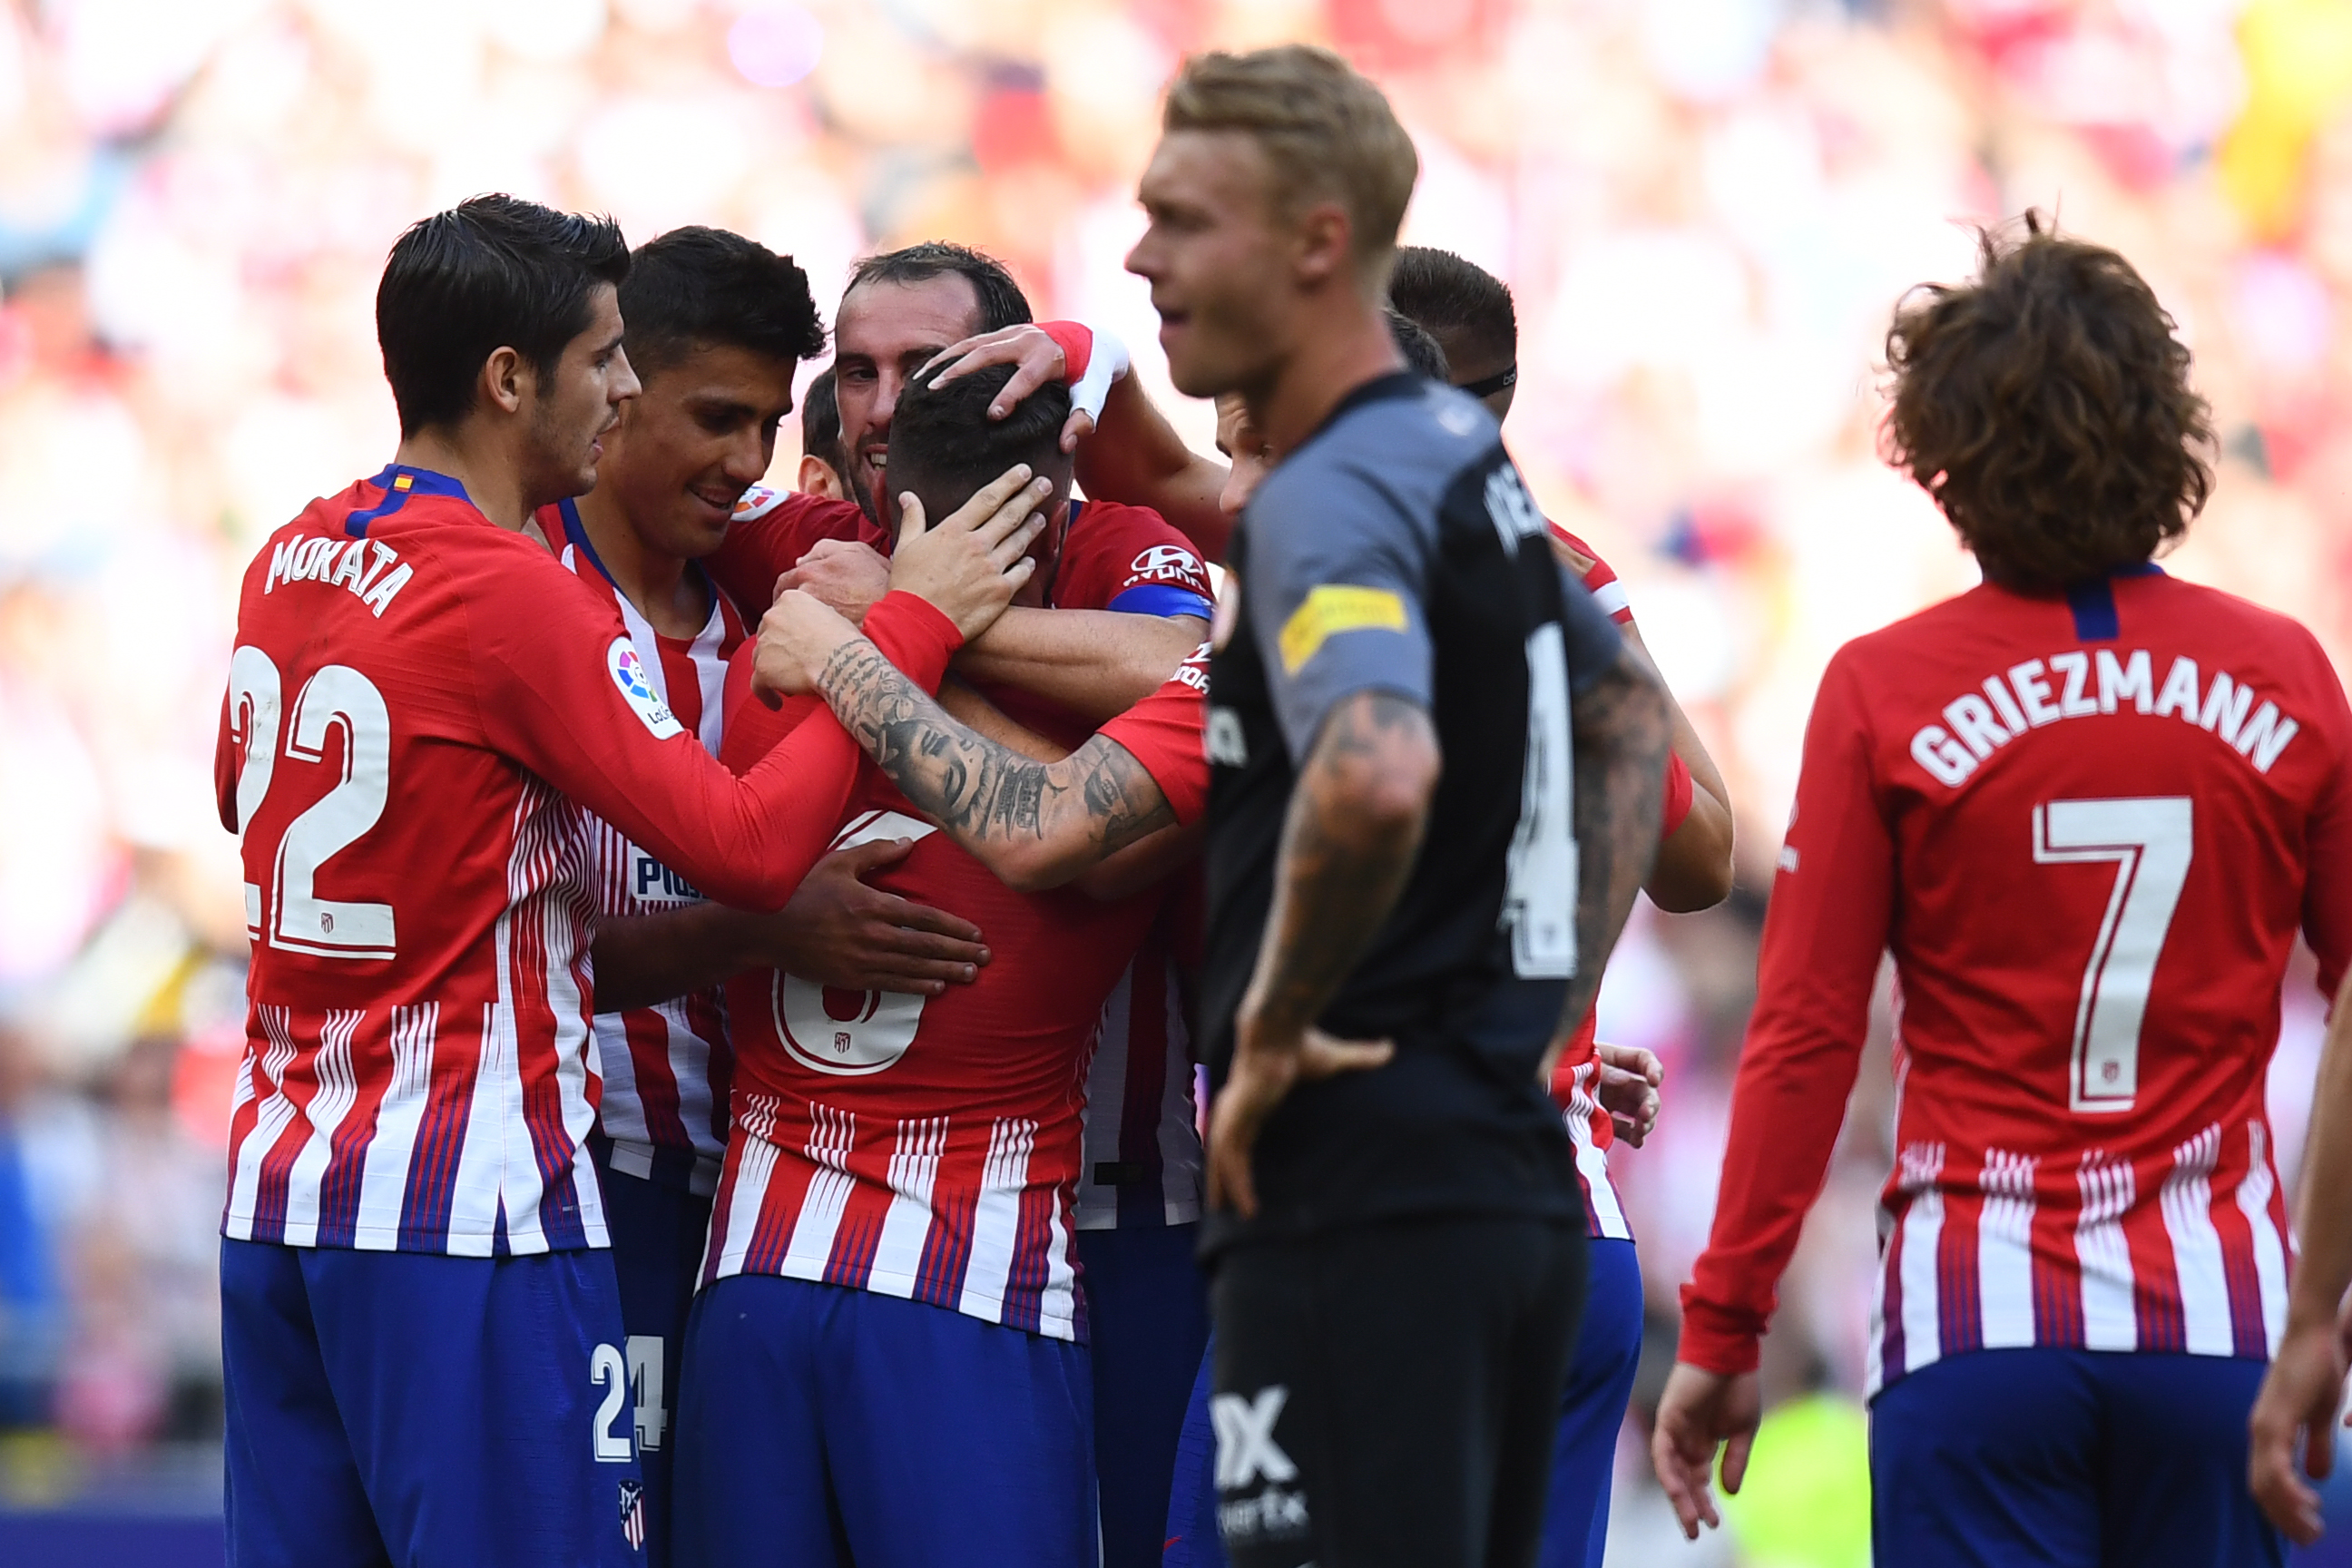 Atlético de Madrid visitará al Atlético de San Luis — Duelo de hermanos